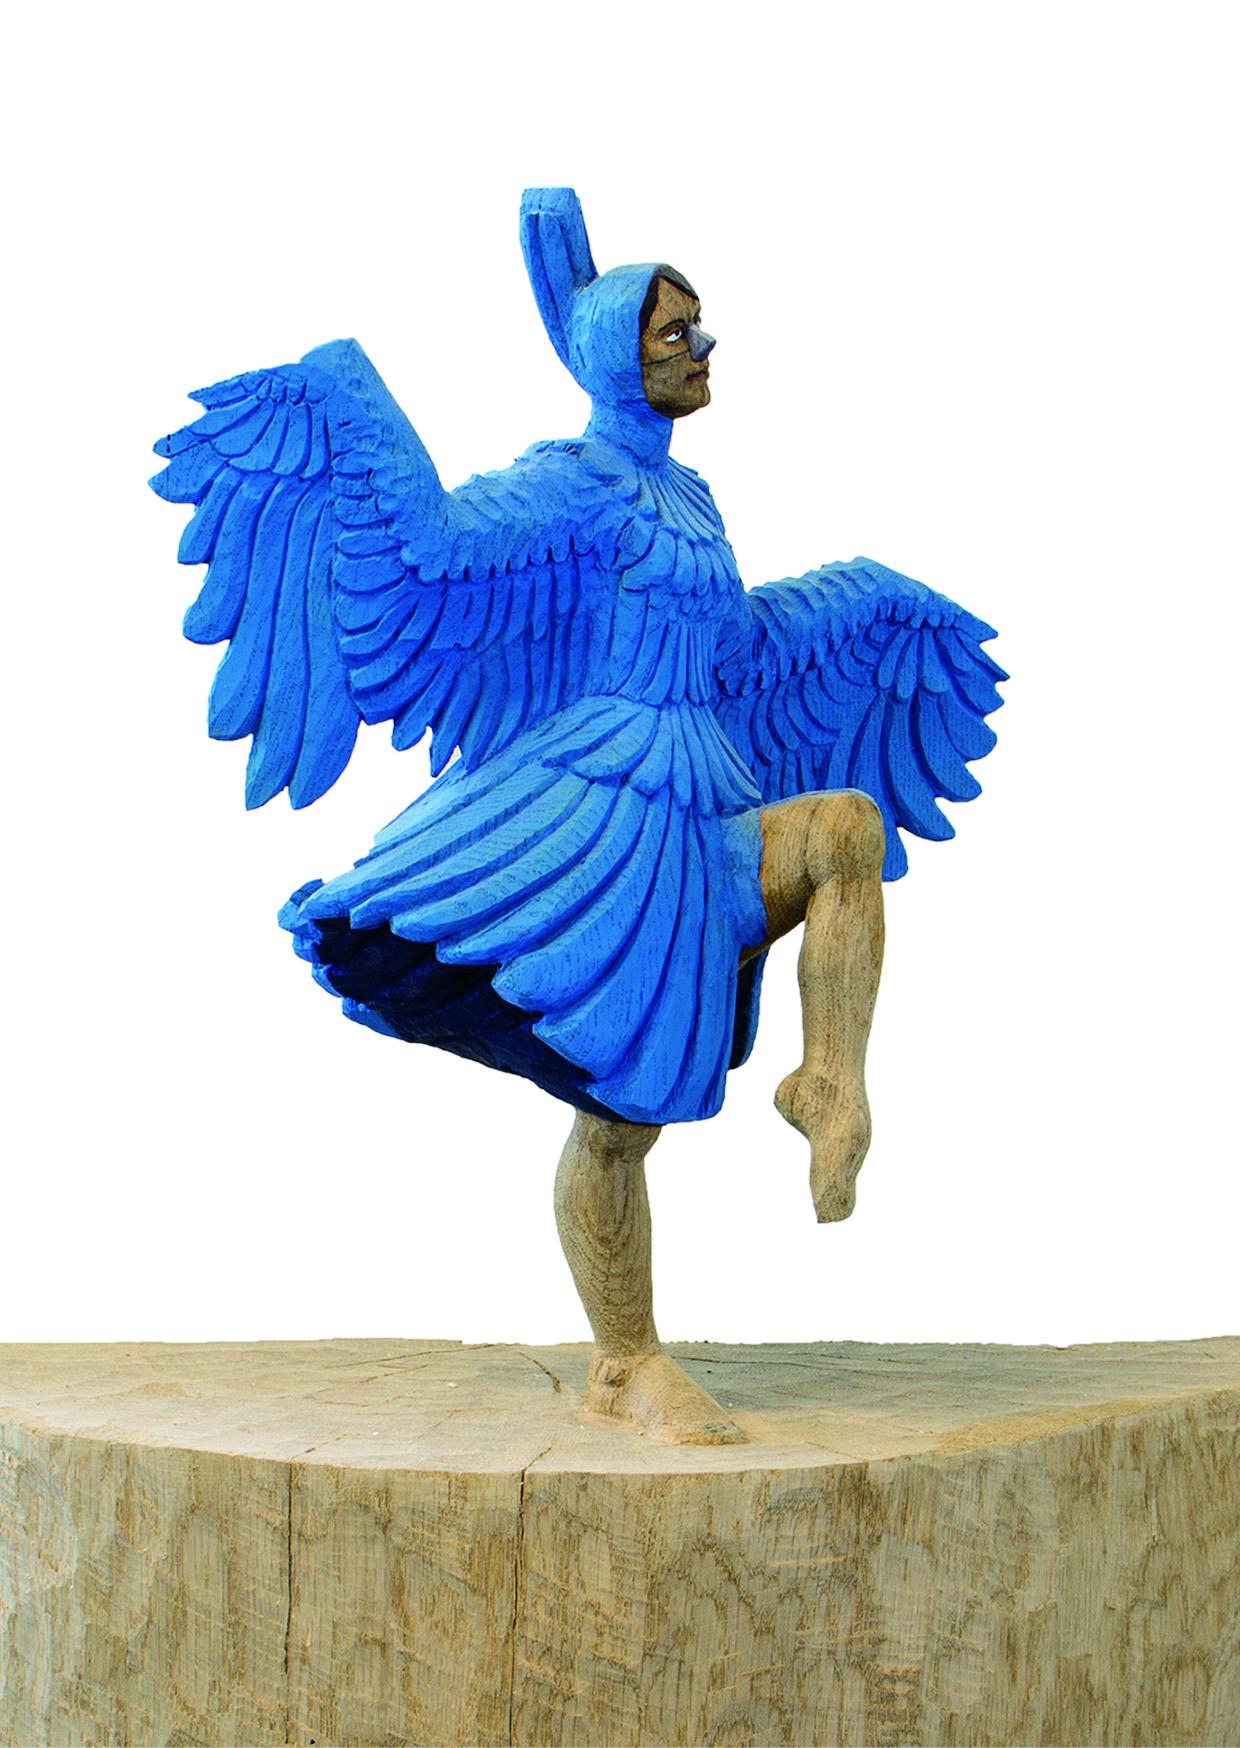 Bilder,Skulpturen, digitale Kunstwerke gibt es auf der ARTMUC zu sehen.